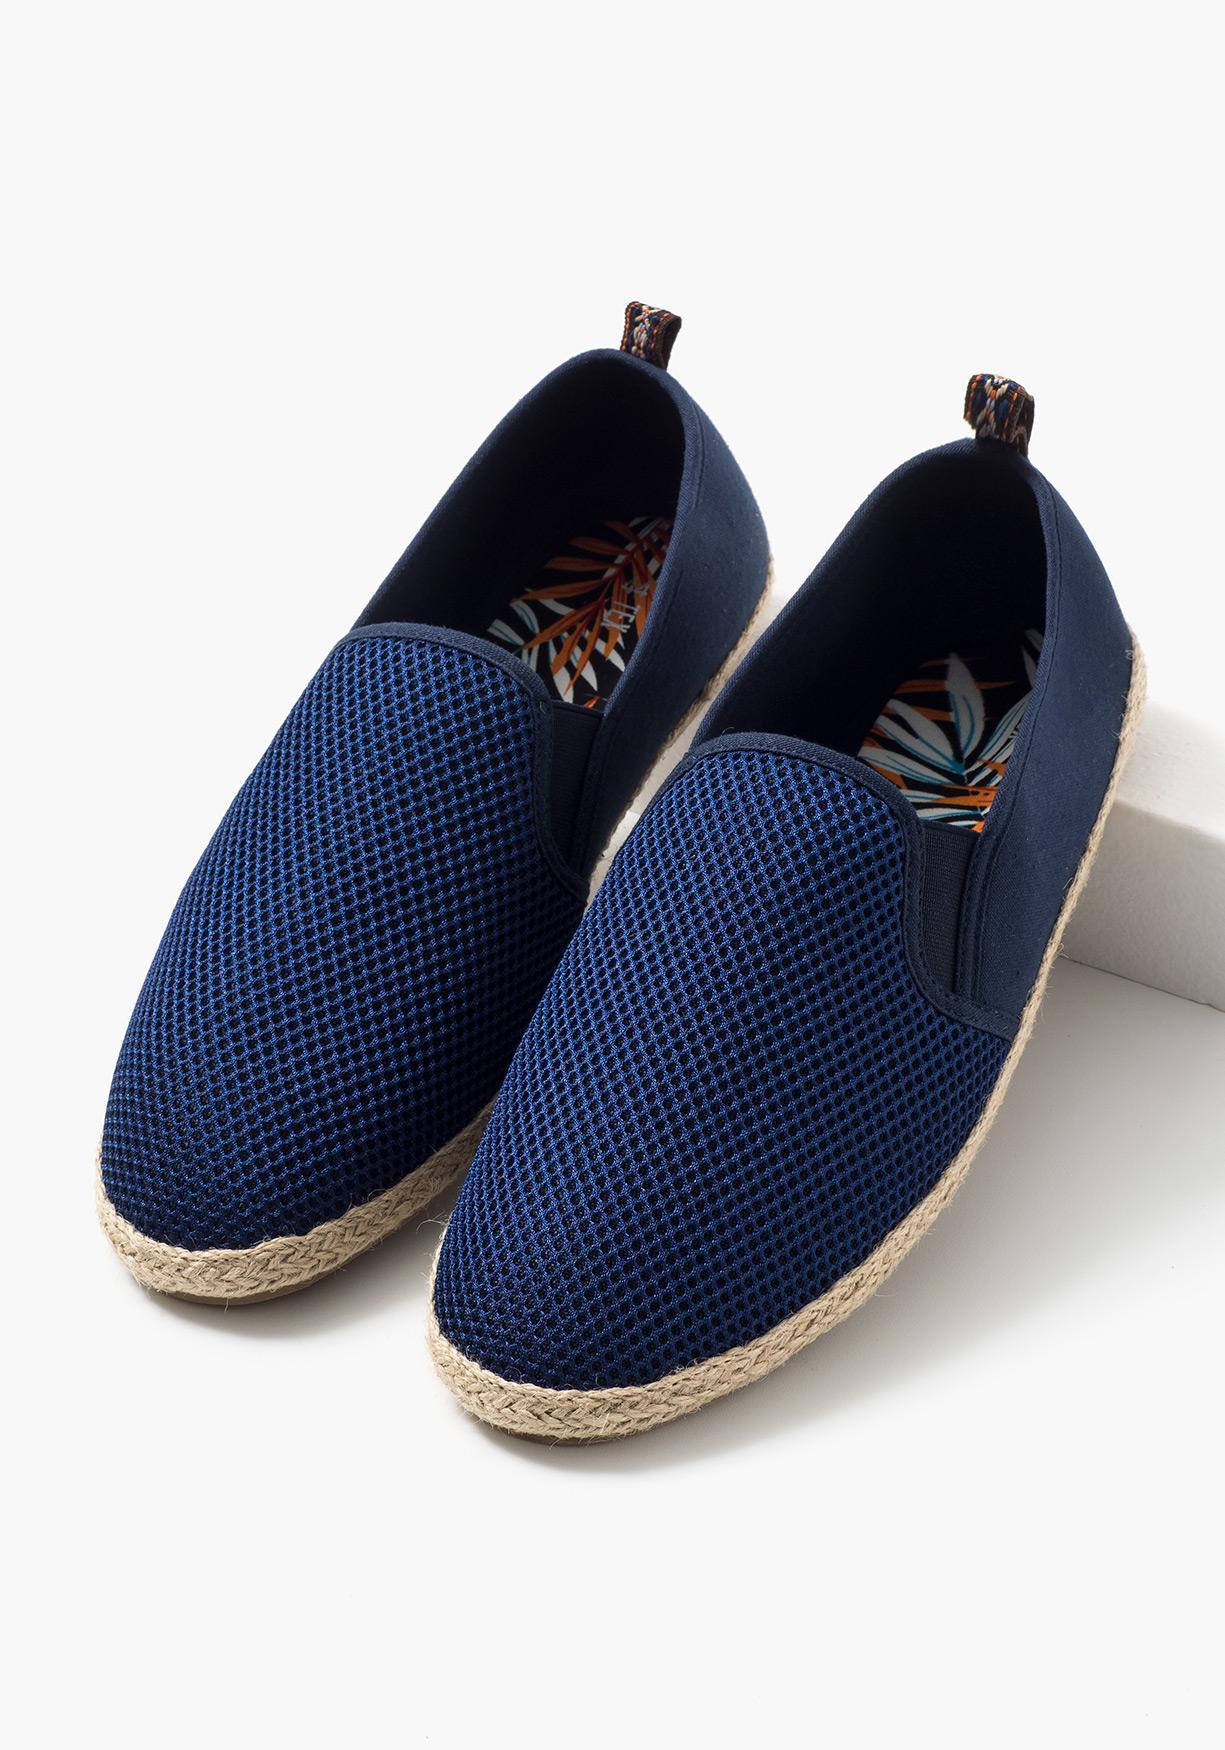 5be14a611 zapatillas de lona carrefour